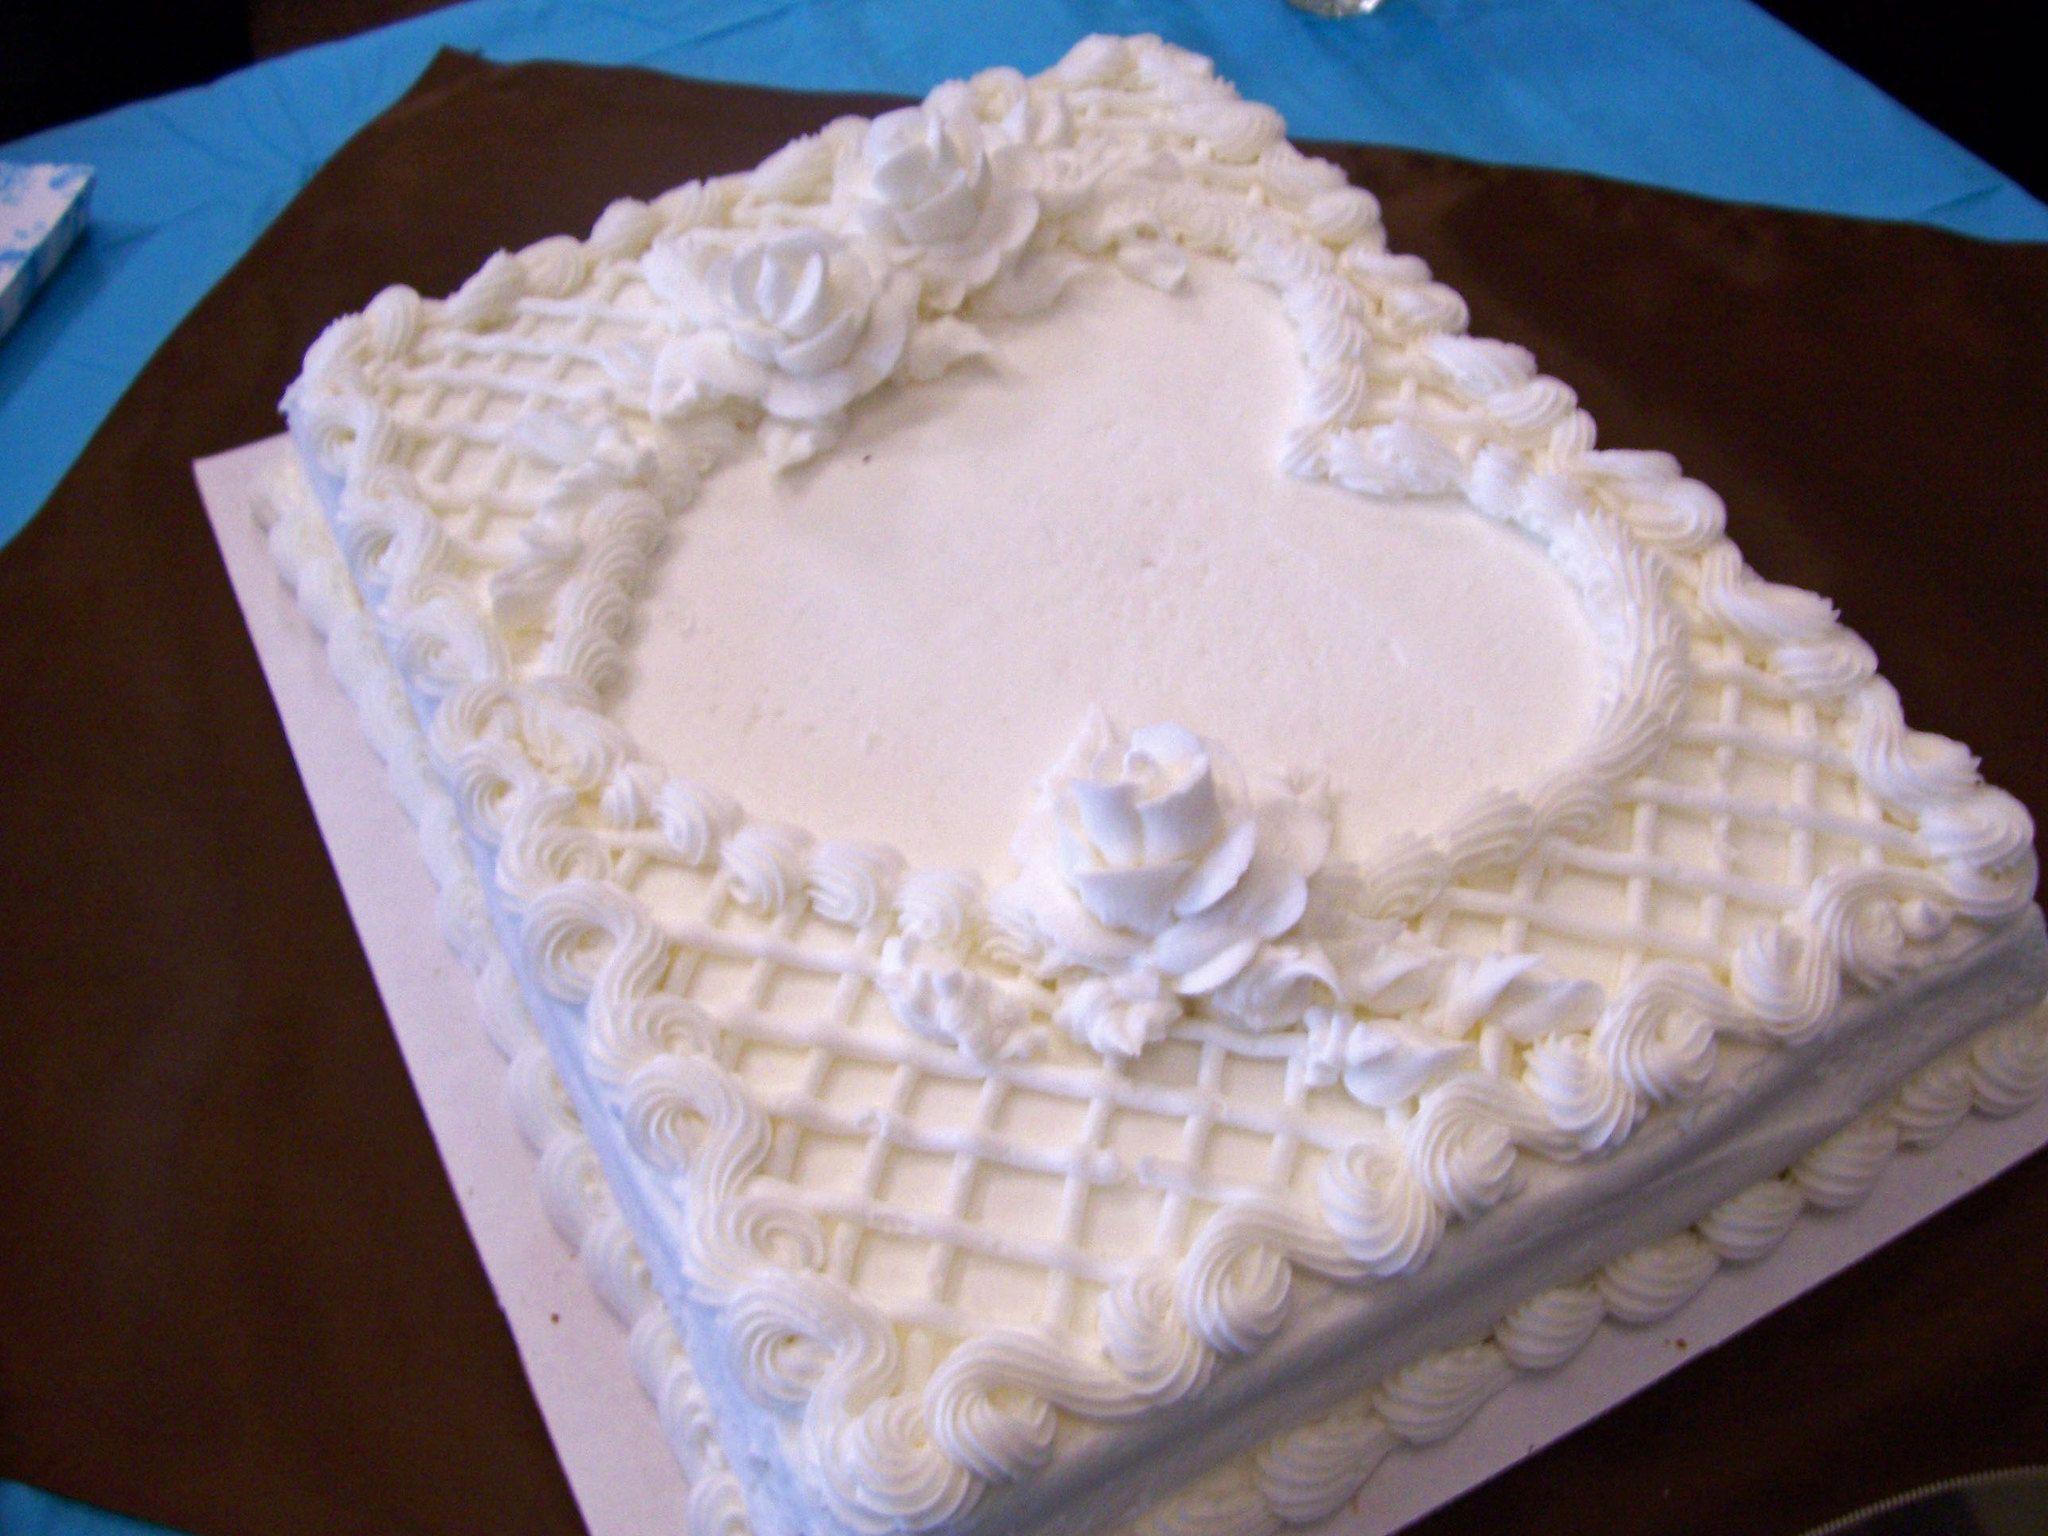 Our Wedding Cake in 2020 Wedding sheet cakes, Sheet cake